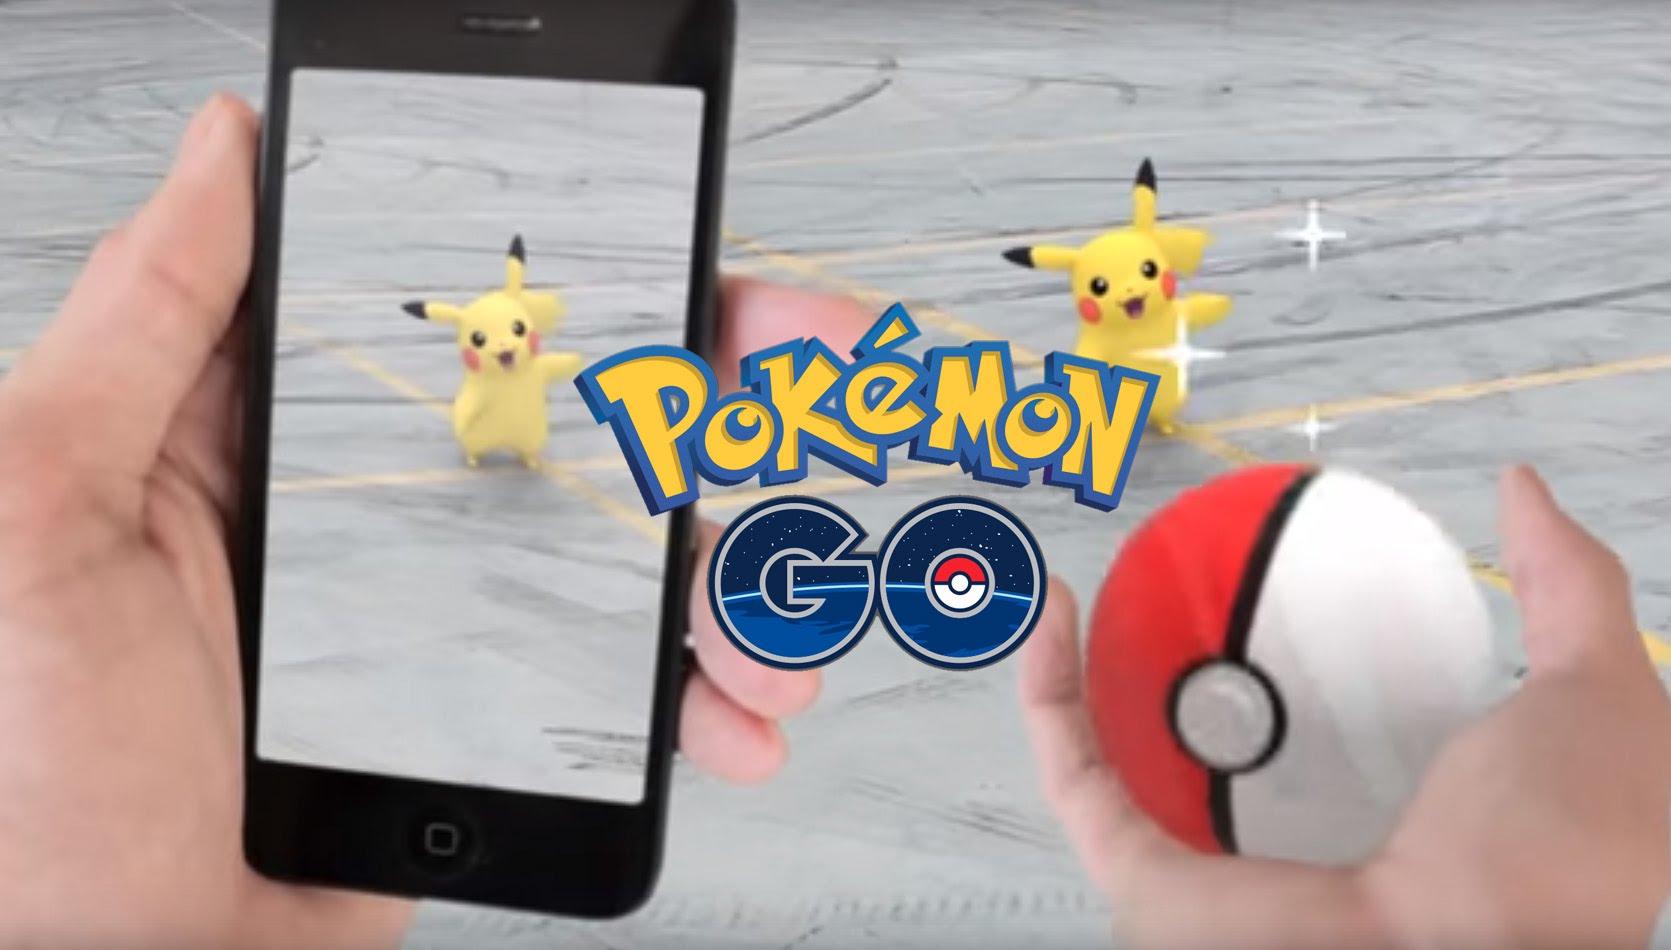 Bukan hanya kekinian, Pokemon Go ternyata bisa turunkan depresi